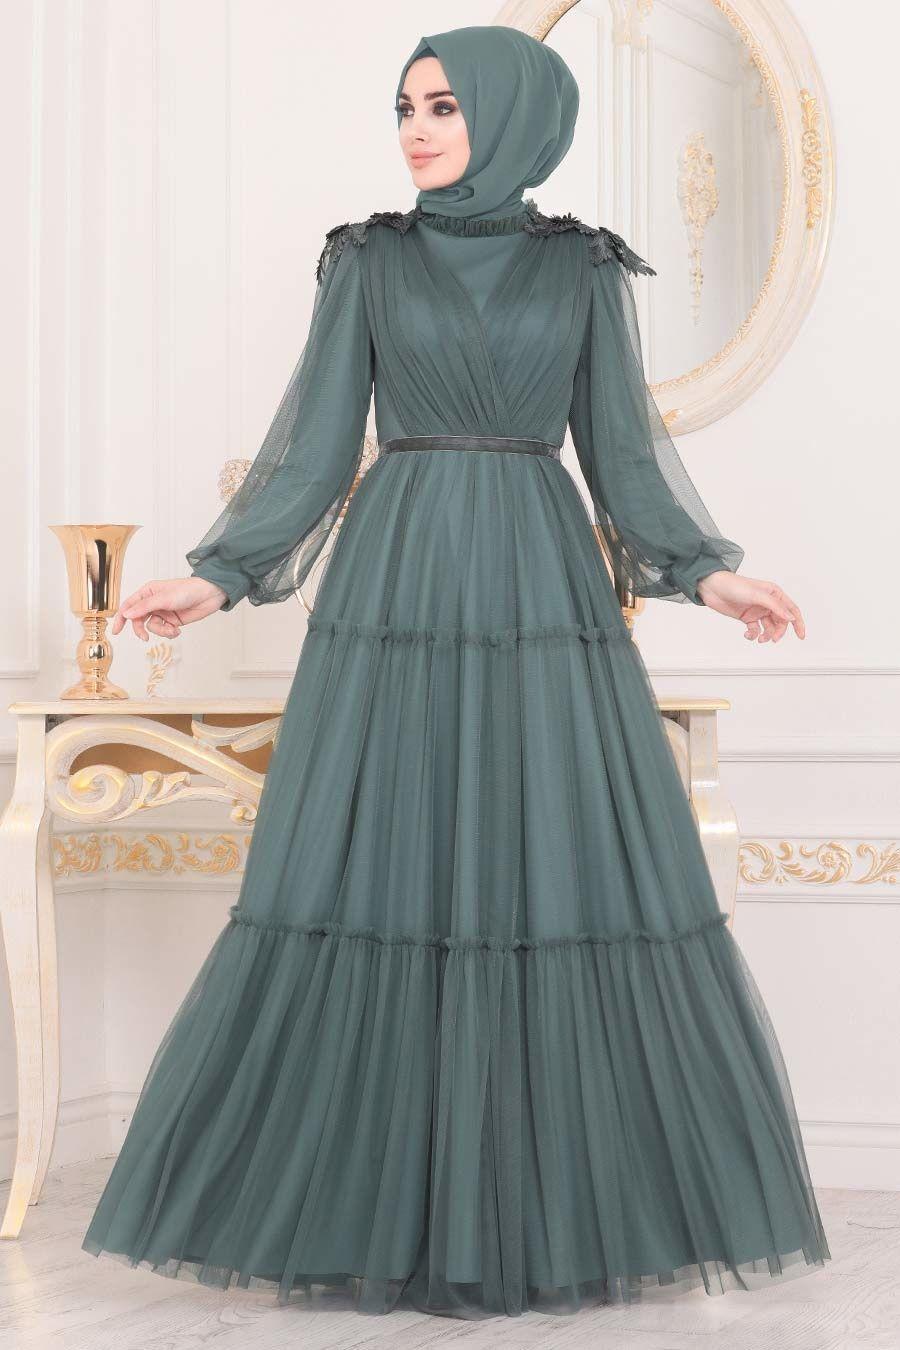 Tesetturlu Abiye Elbise Omuzlari Detayli Yesil Tesettur Abiye Elbise 4072y Tesetturisland Com 2020 Elbise Parti Elbiseleri Islami Giyim